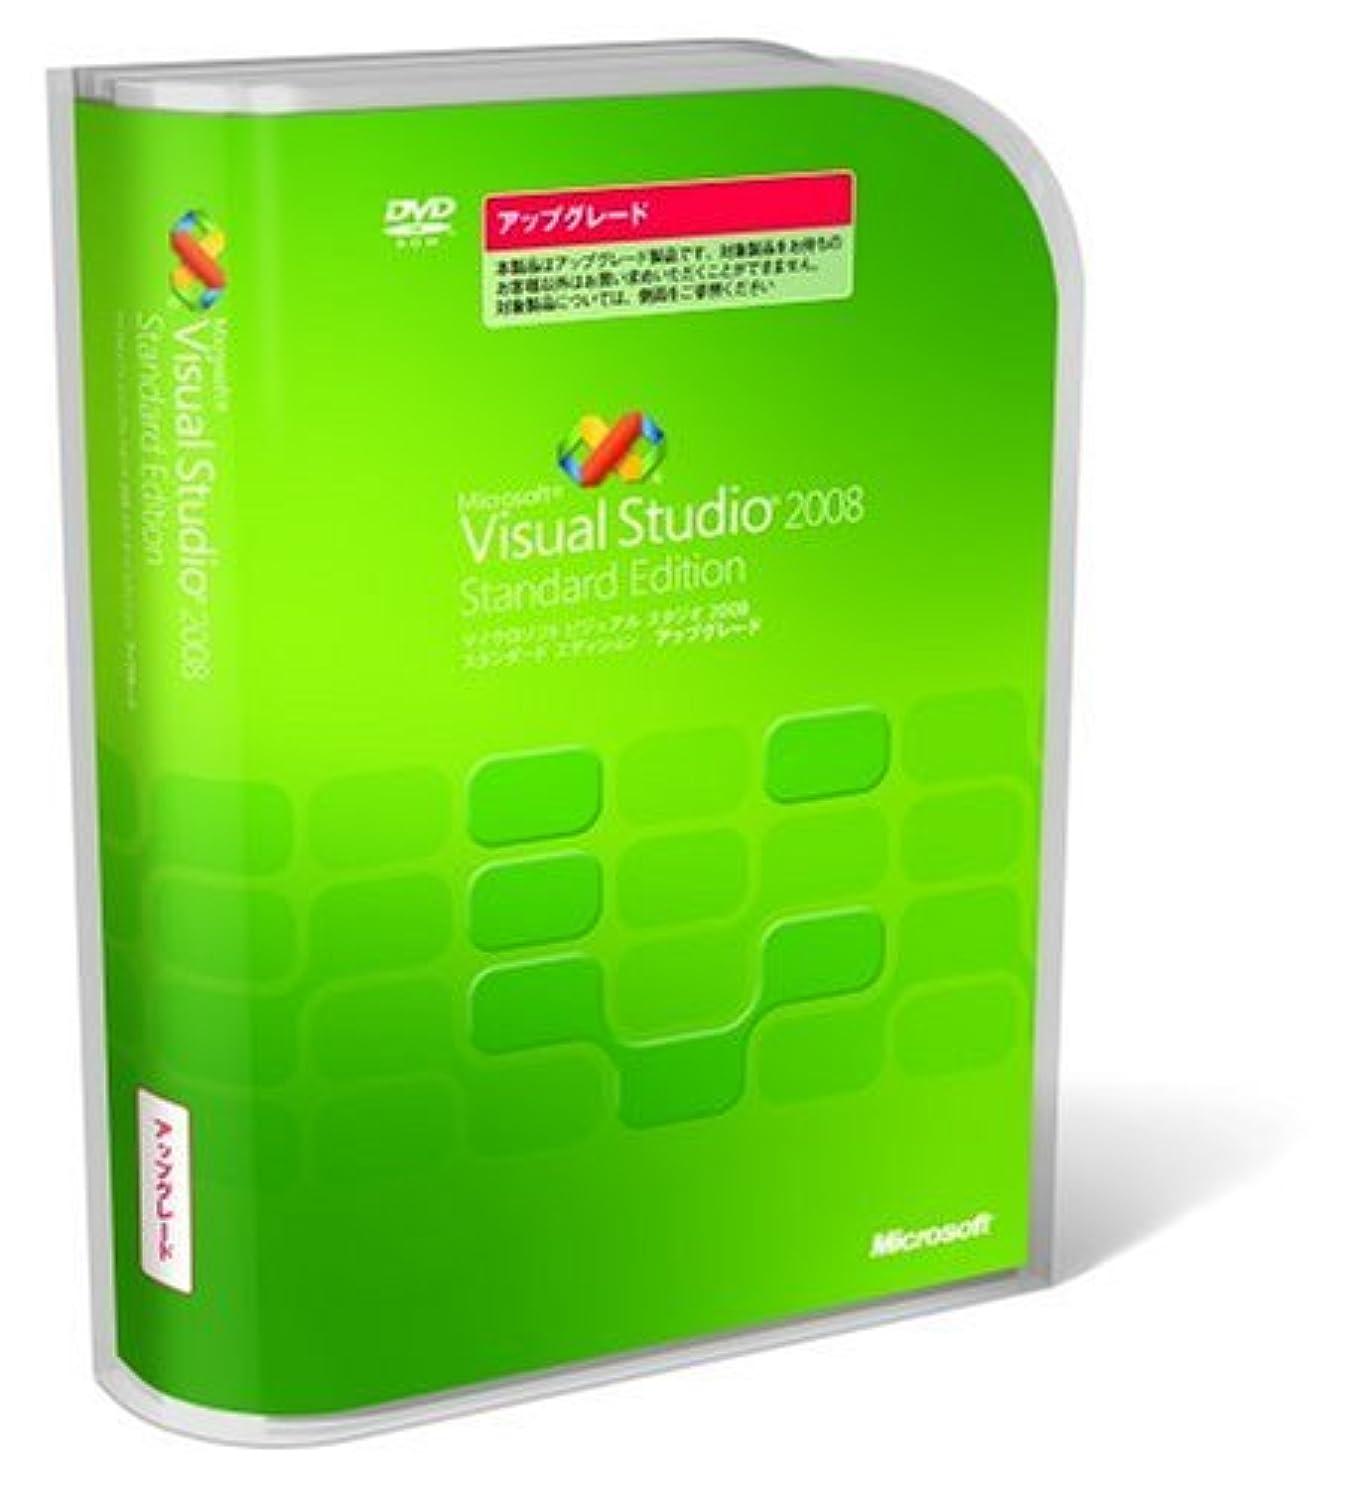 キャンパス命令的悲しいことにVisual Studio 2008 Standard Edition アップグレード